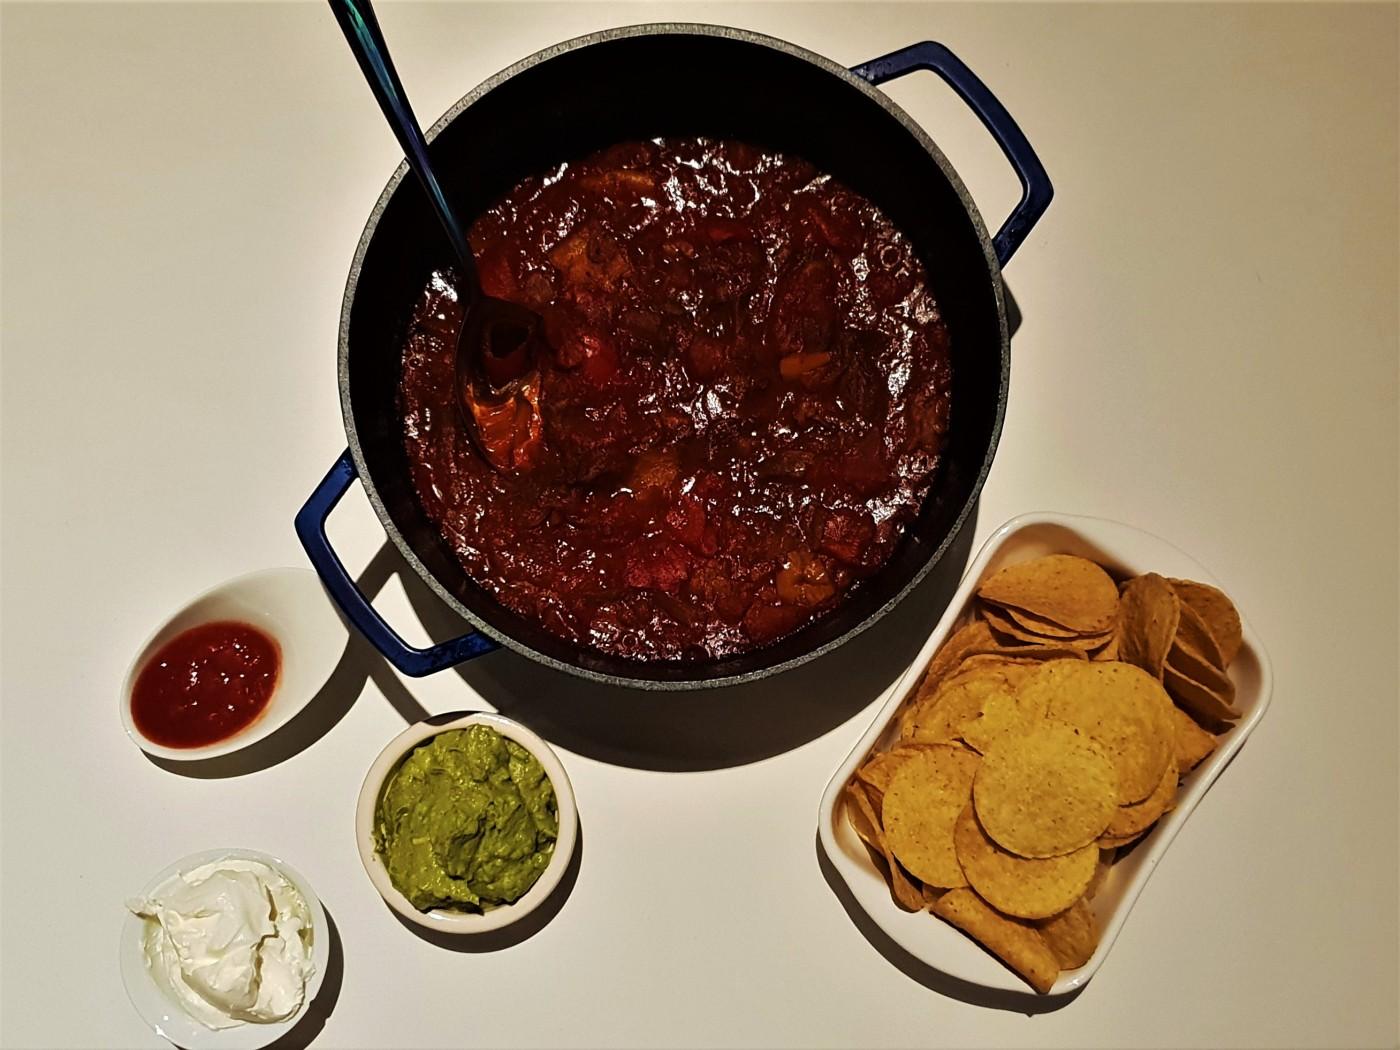 Oven chili